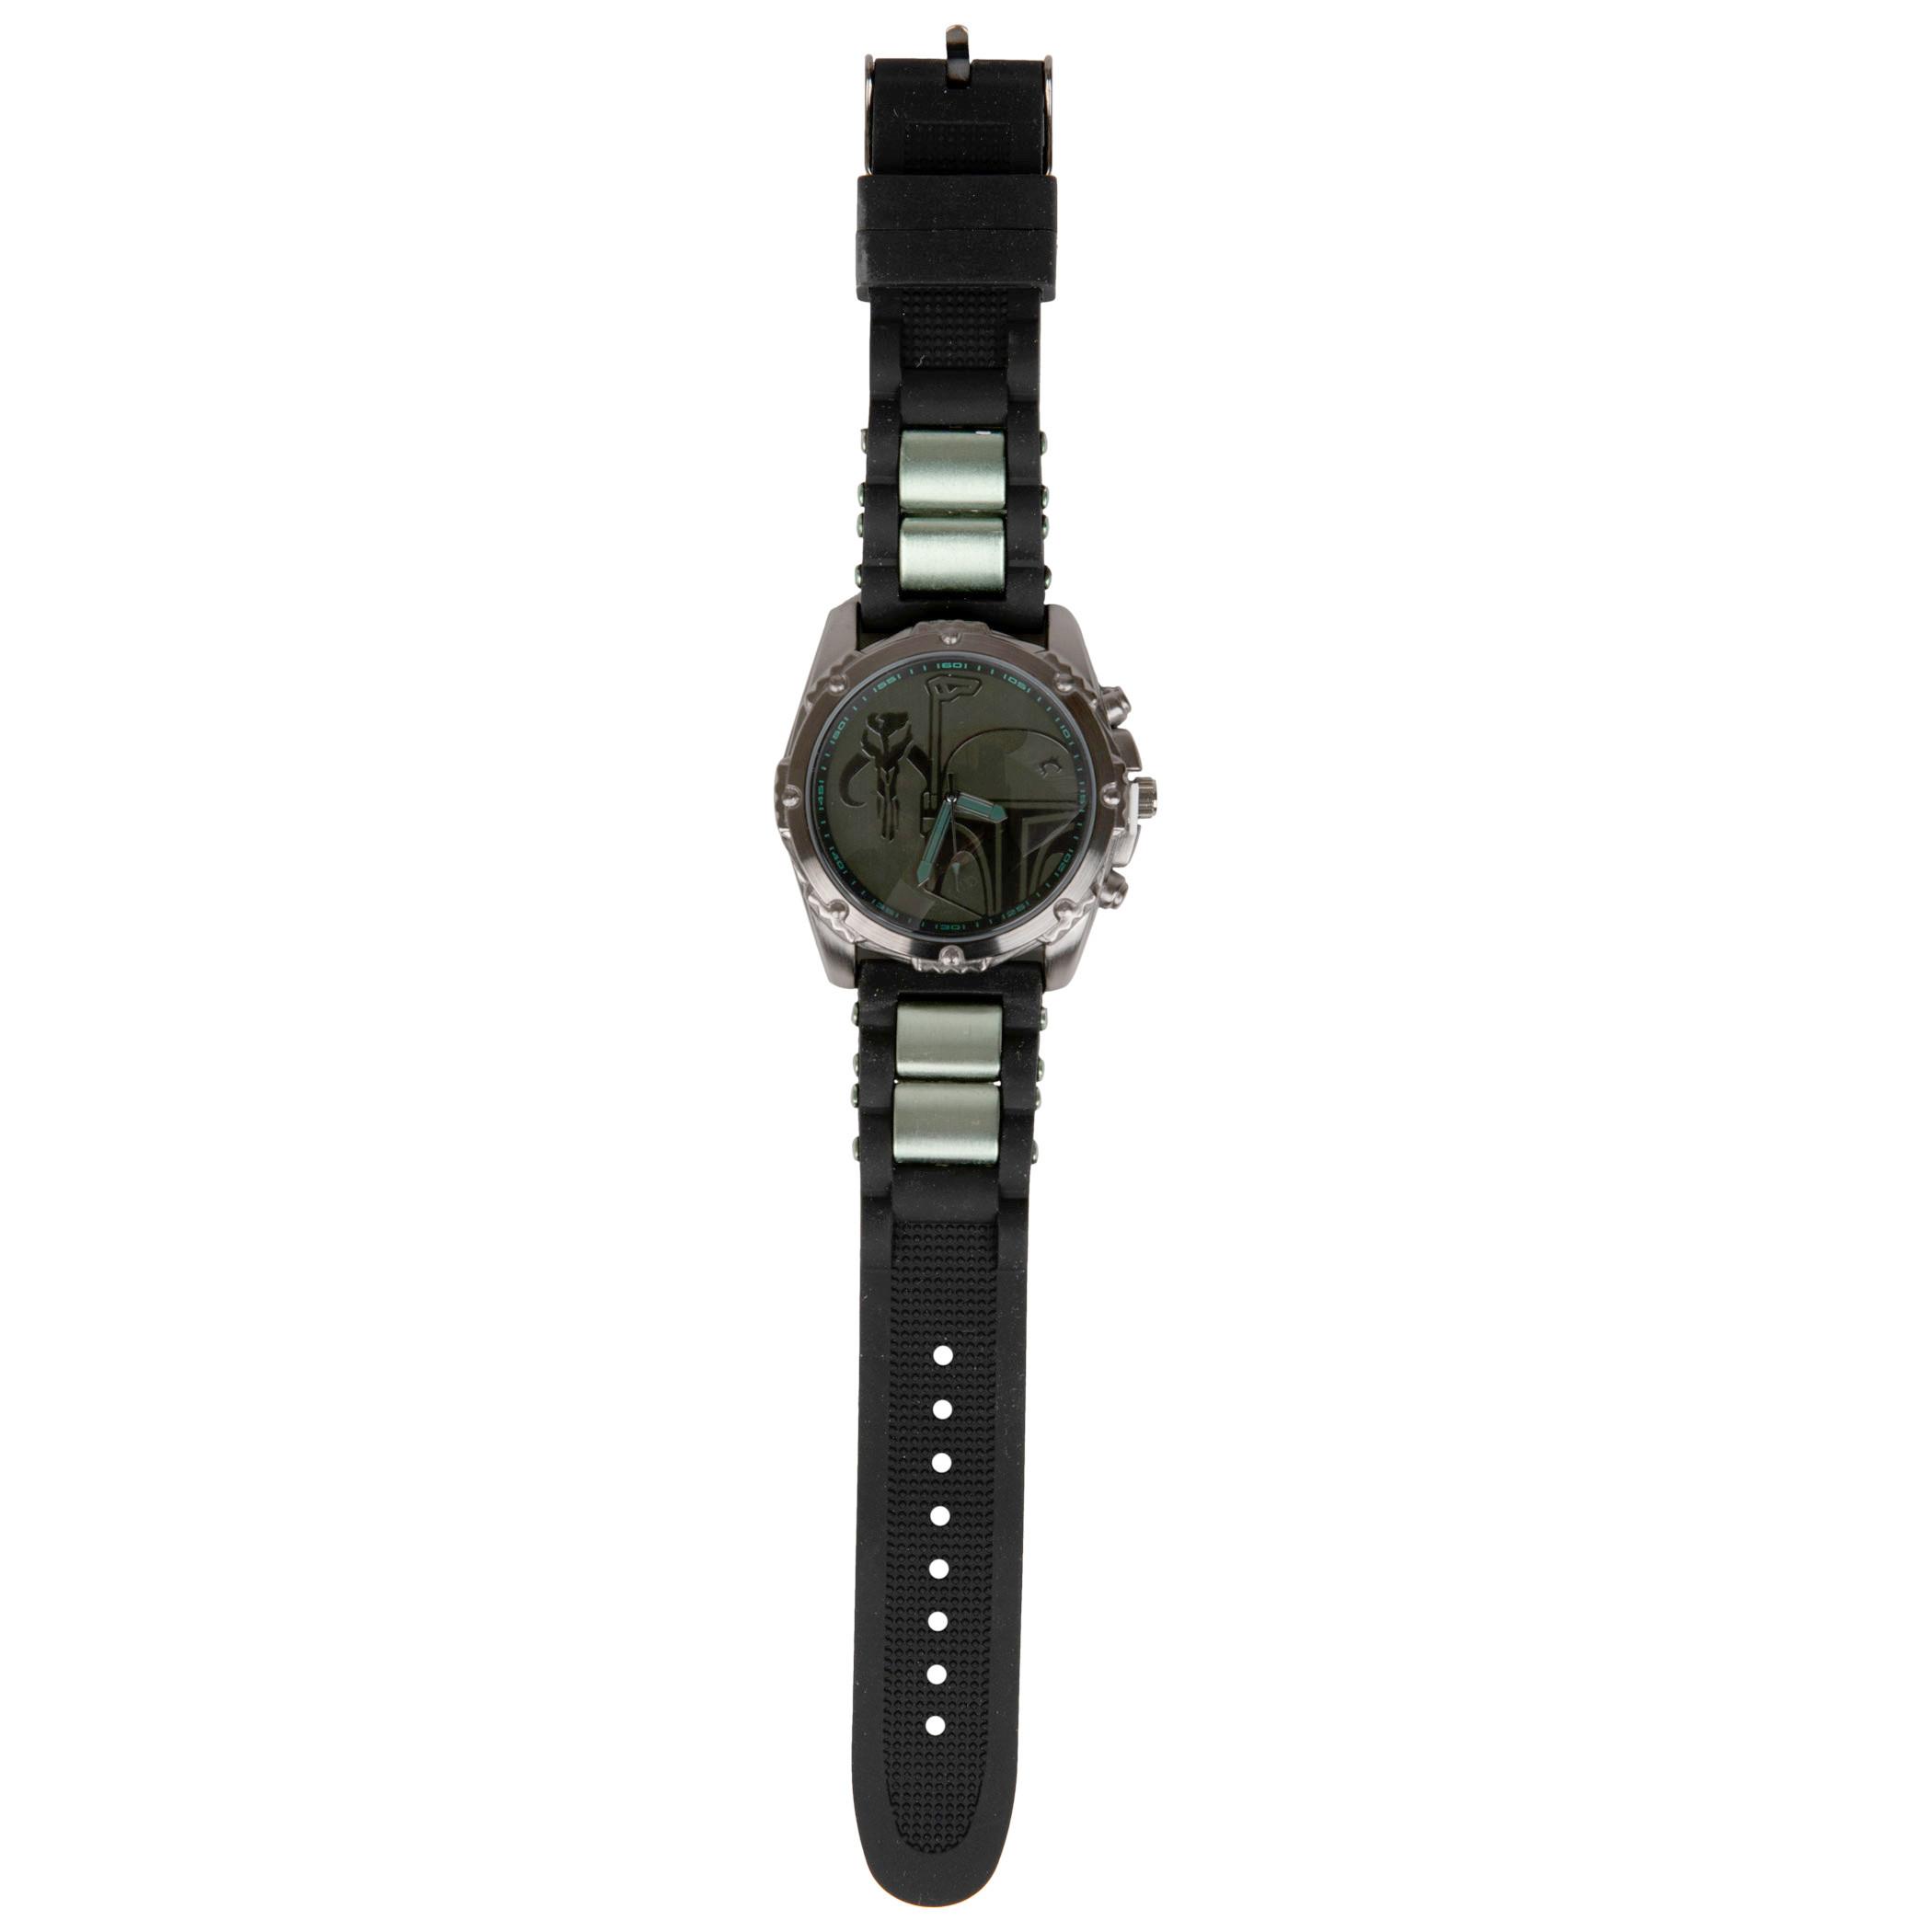 Boba Fett Analog Watch